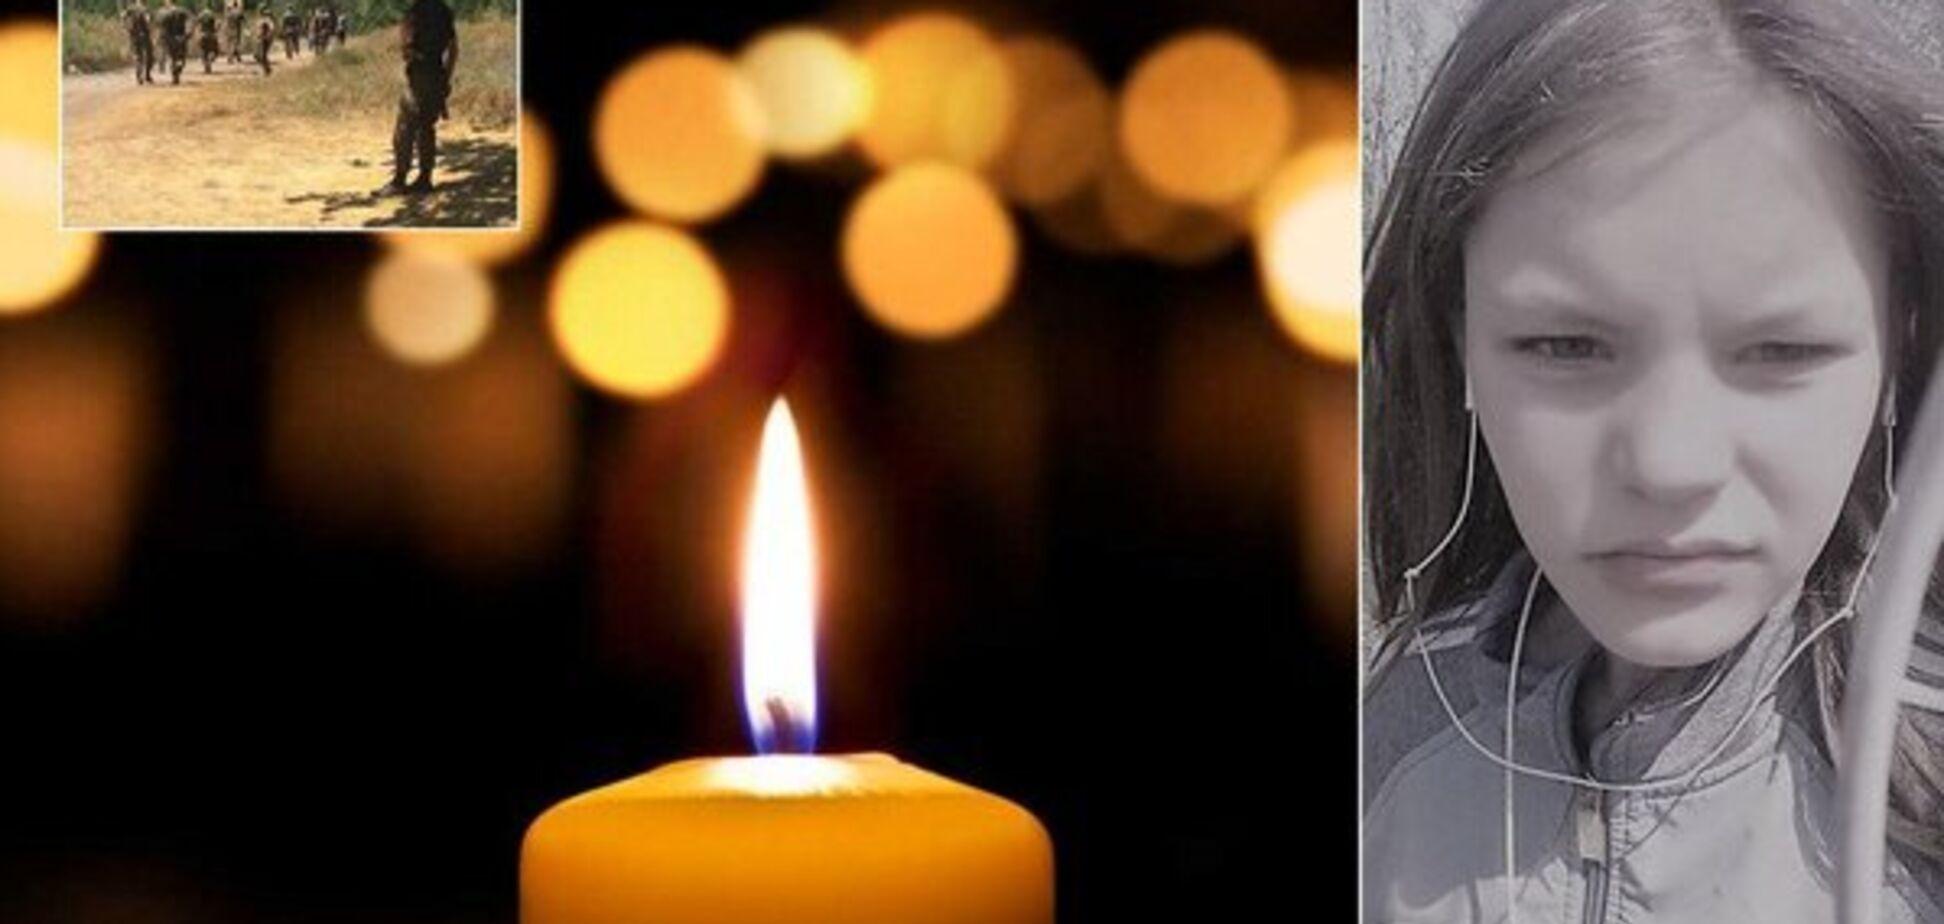 Обнаружены следы: в убийстве девочки под Днепром прояснилась трагическая деталь